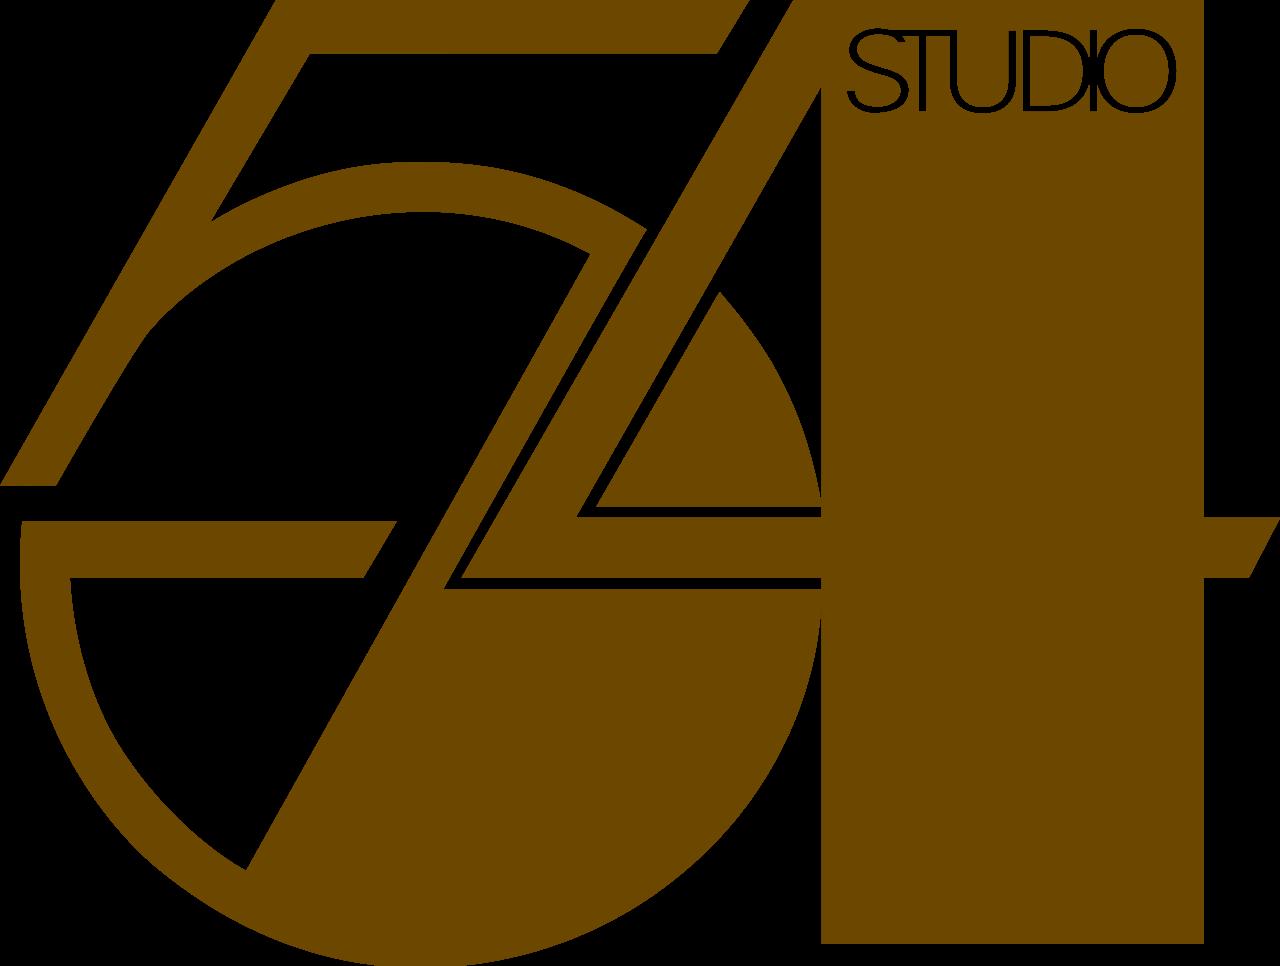 46-460973_1200px-studio-54-logo-original